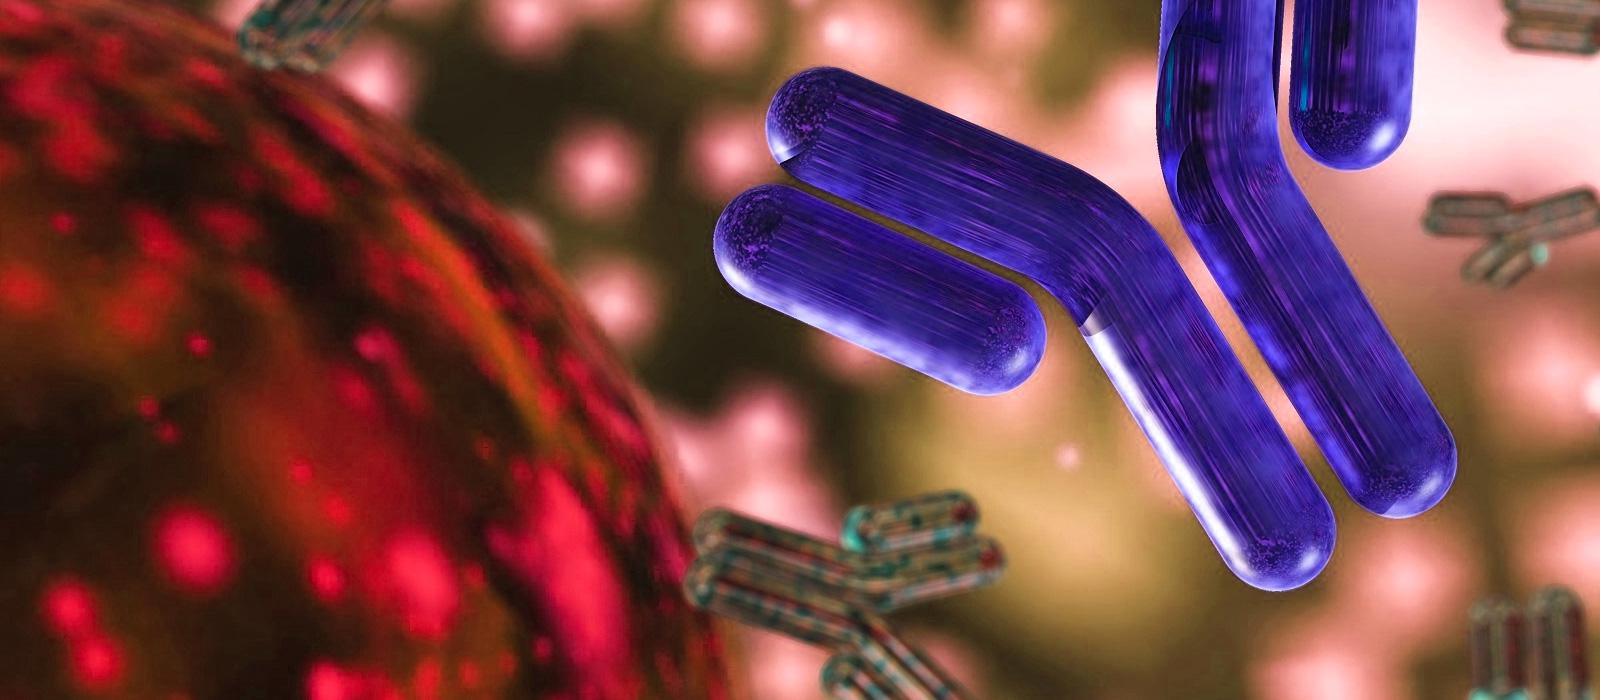 Linh chi và hệ miễn dịch trong cơ thể